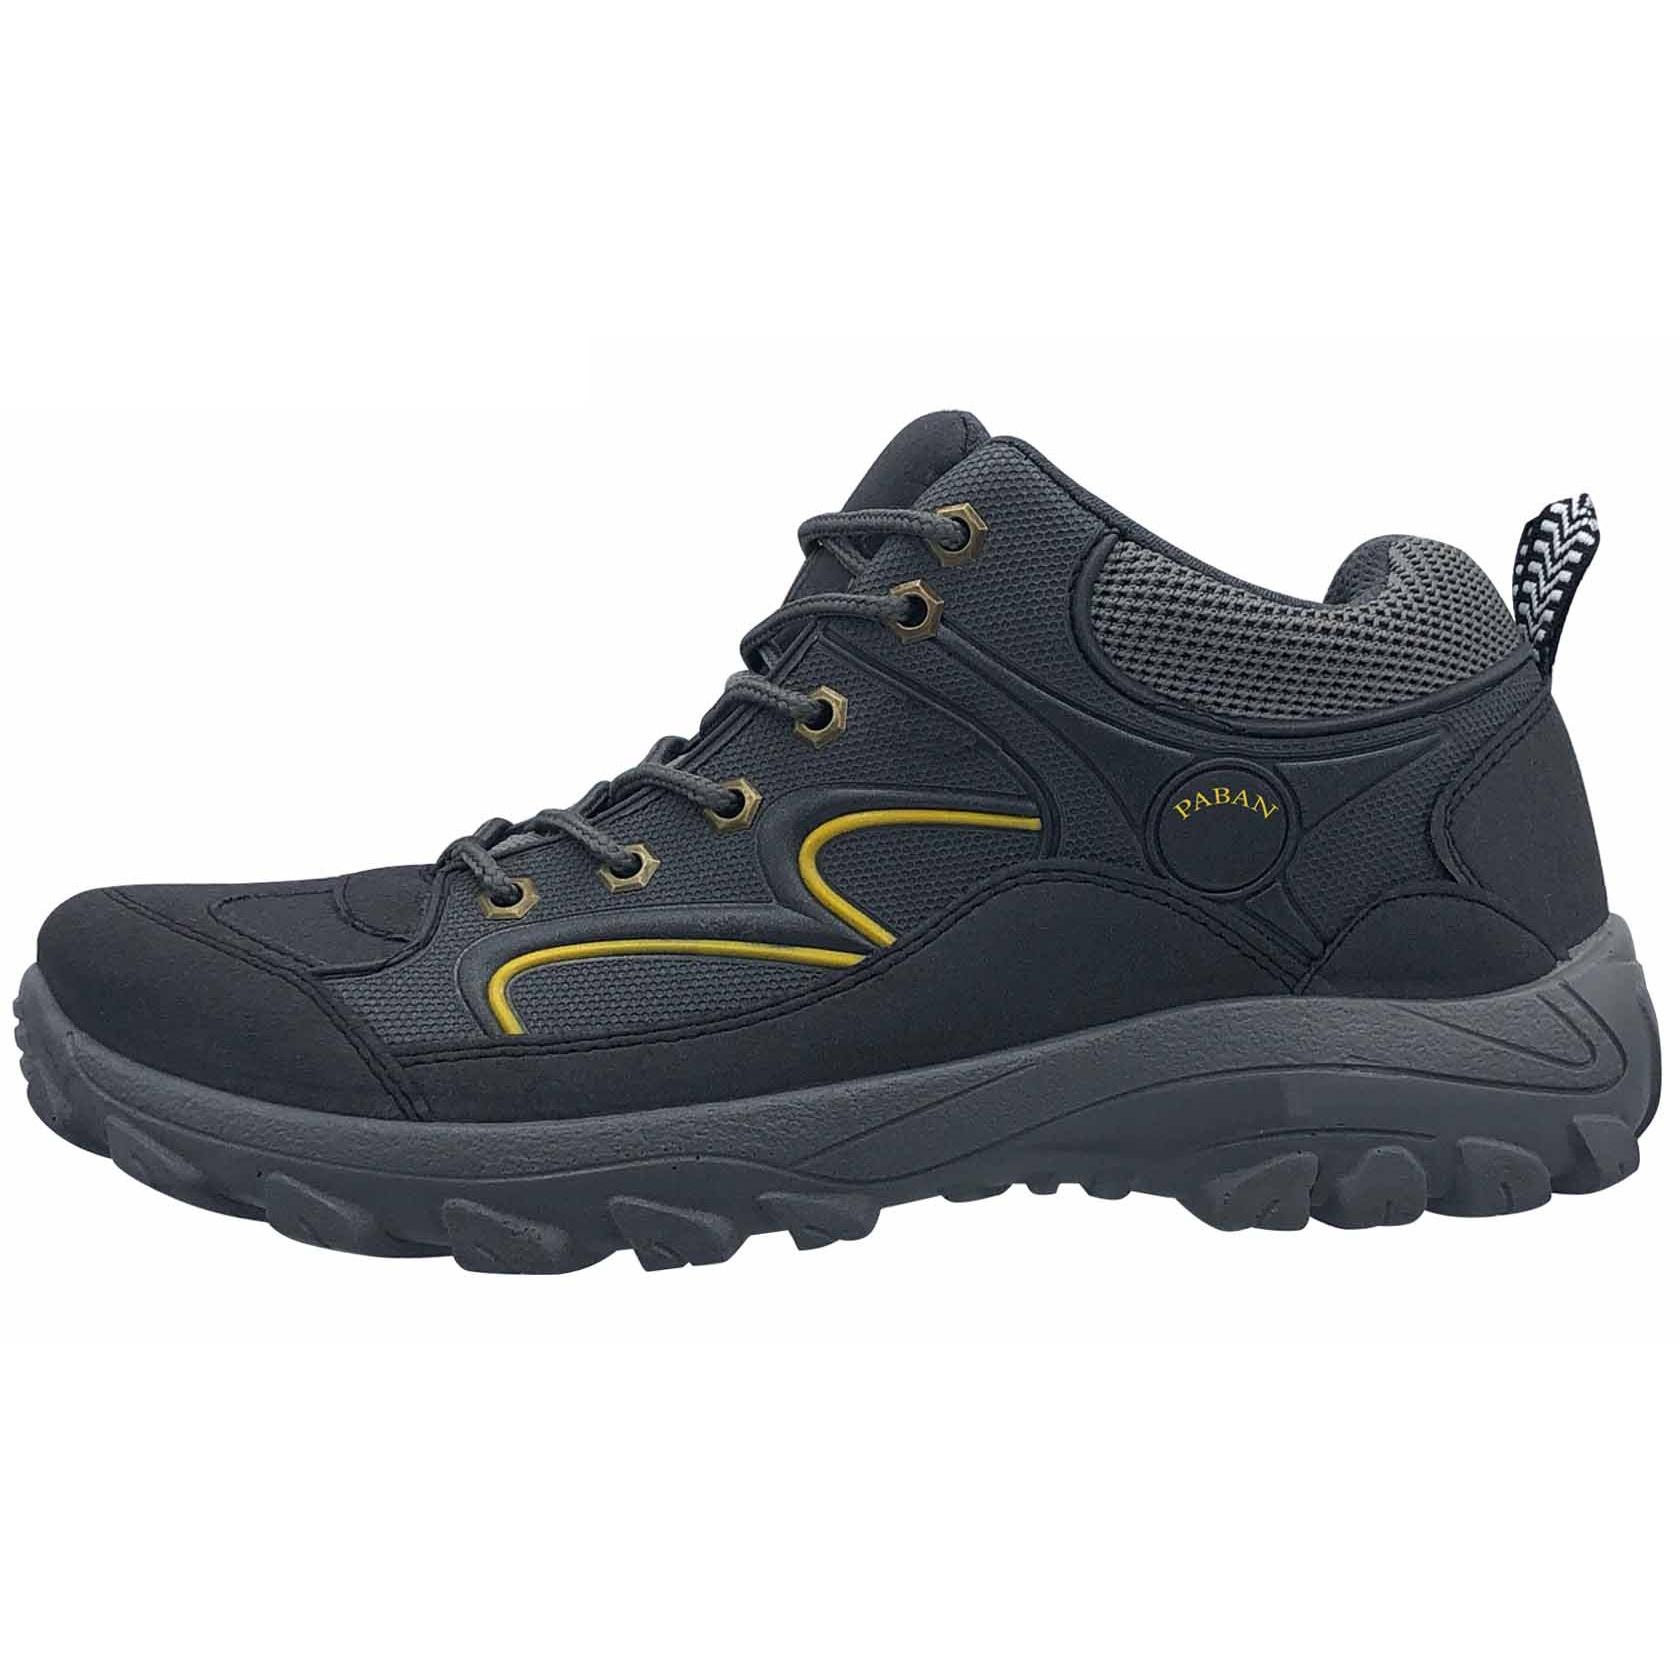 کفش کوهنوردی مردانه پابان کد 02-316